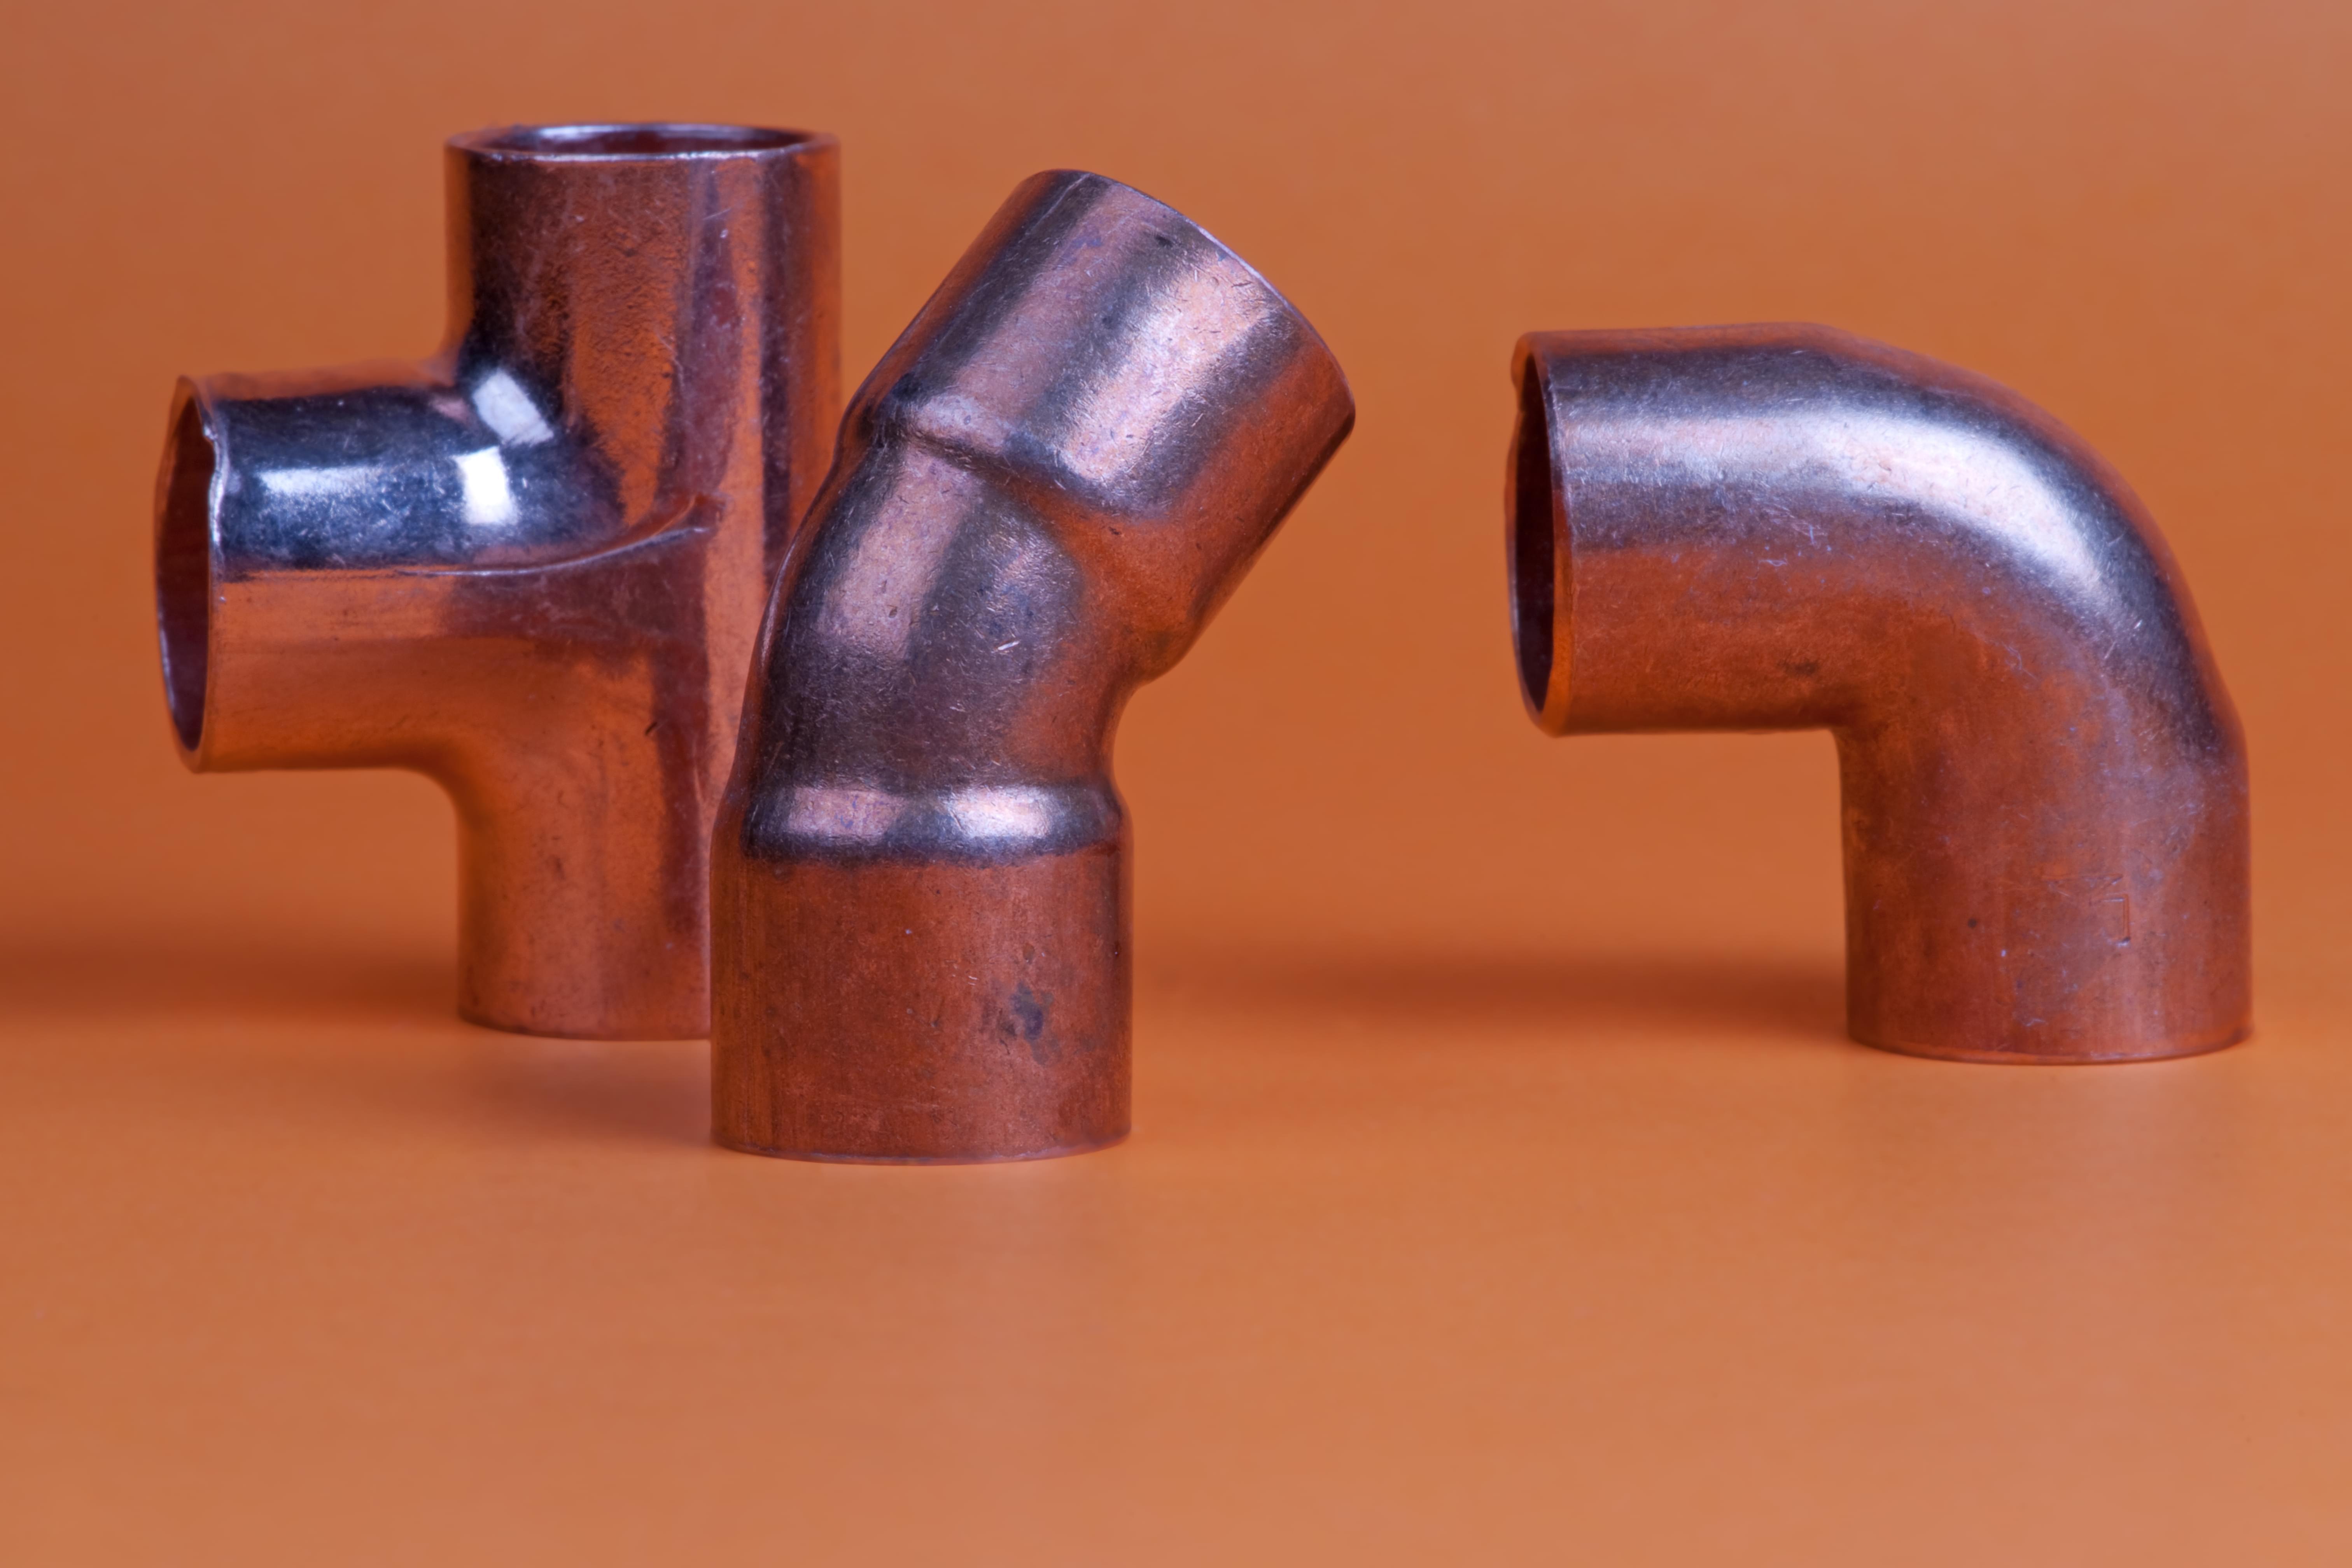 Bending copper